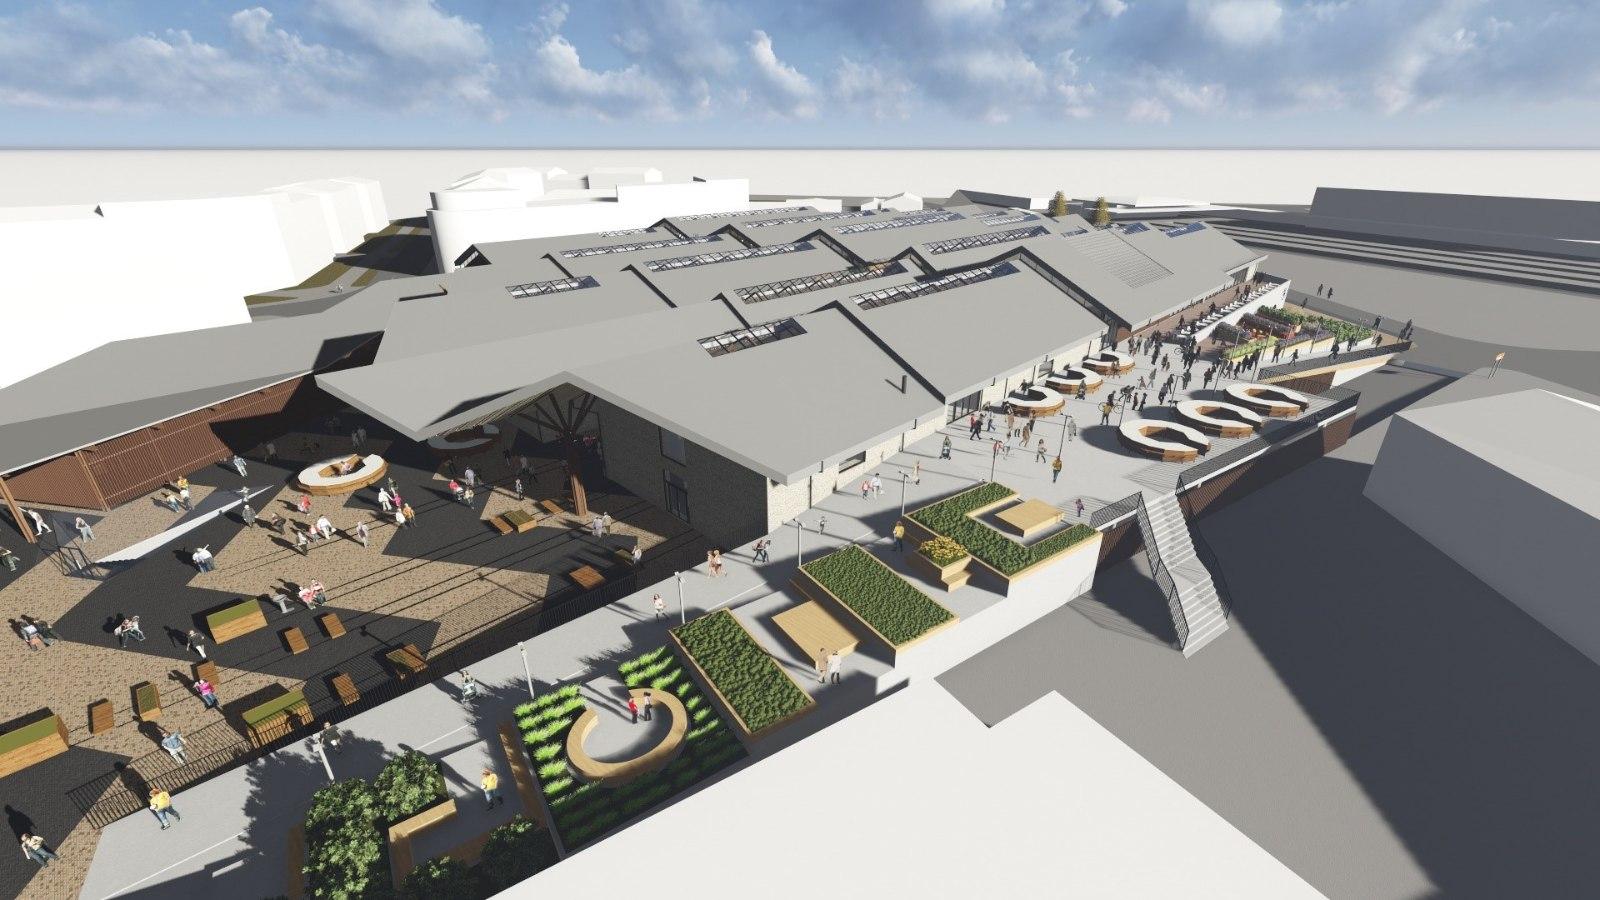 569bfef01d8 PUTKAMAJANDUS ON MINEVIK: Balti jaama turu asemele kerkib suur  kaubanduskeskus | Õhtuleht